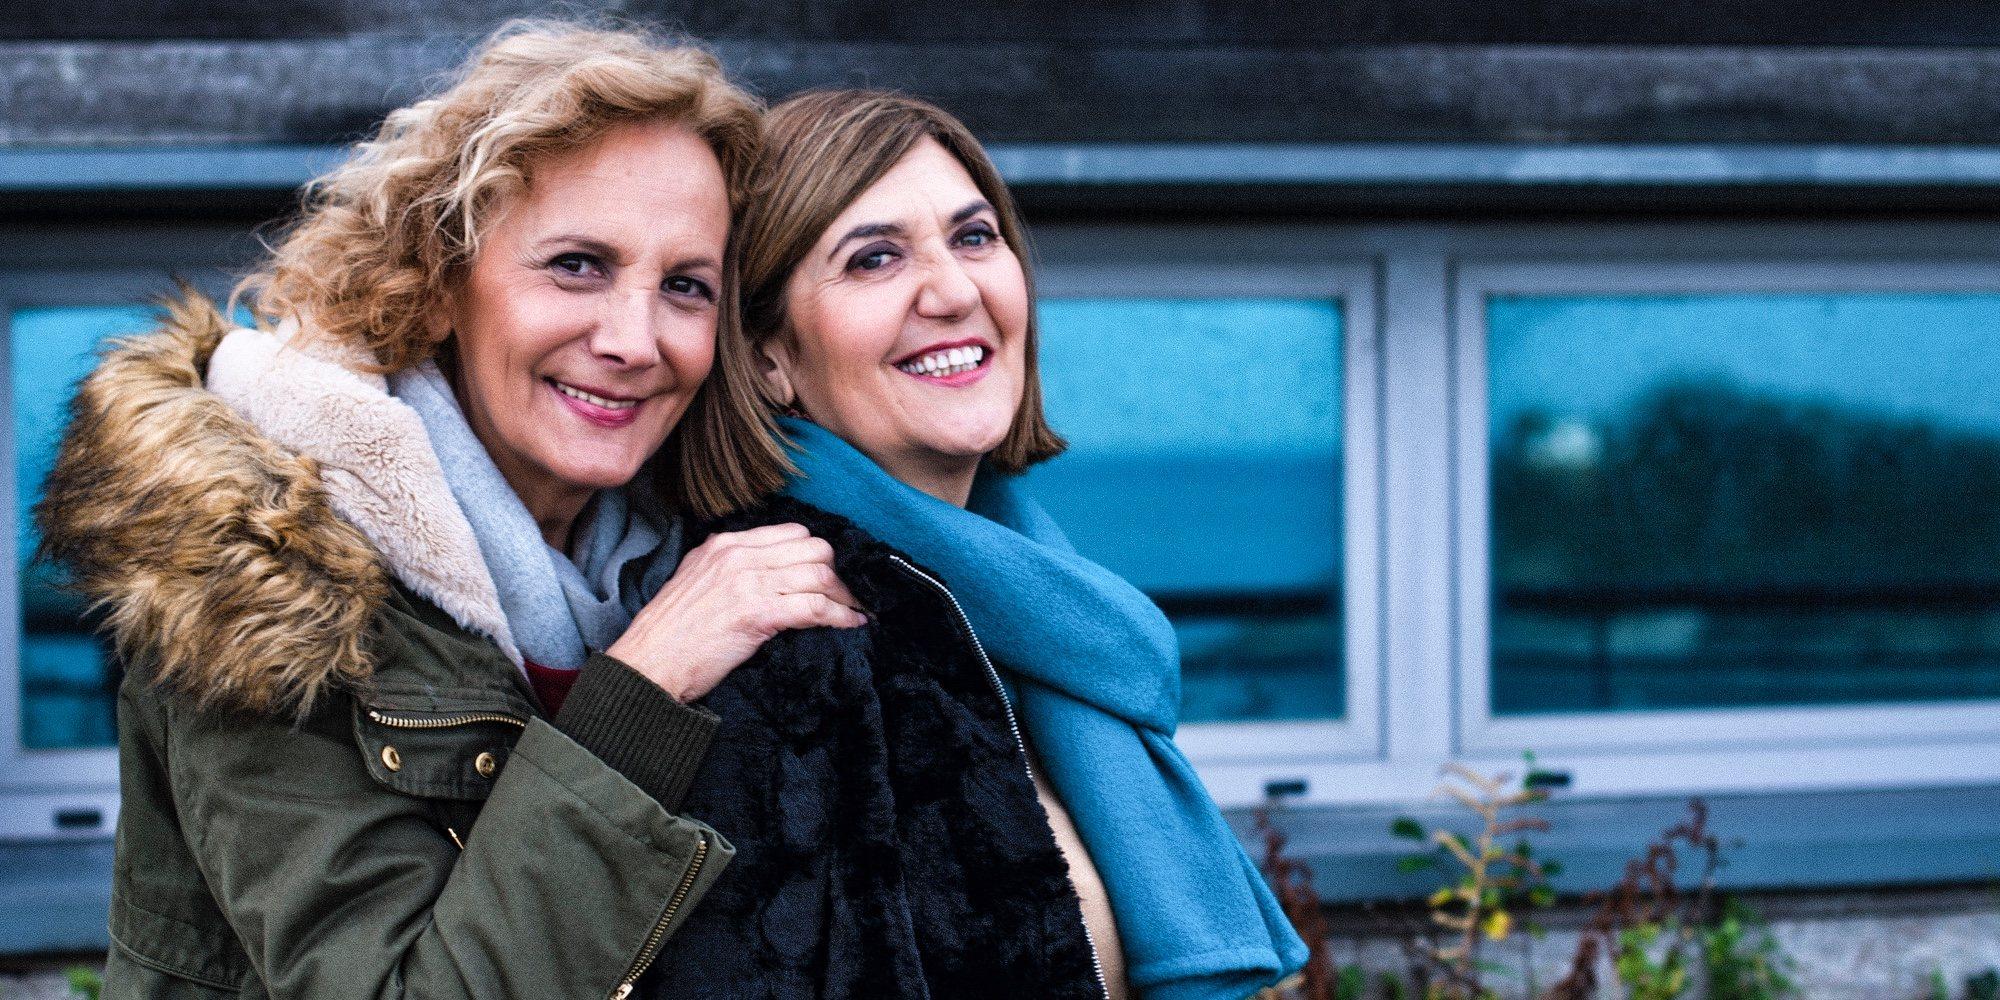 Elena Irureta y Ane Gabarian interpretarán a Bittori y Miren en la serie 'Patria'